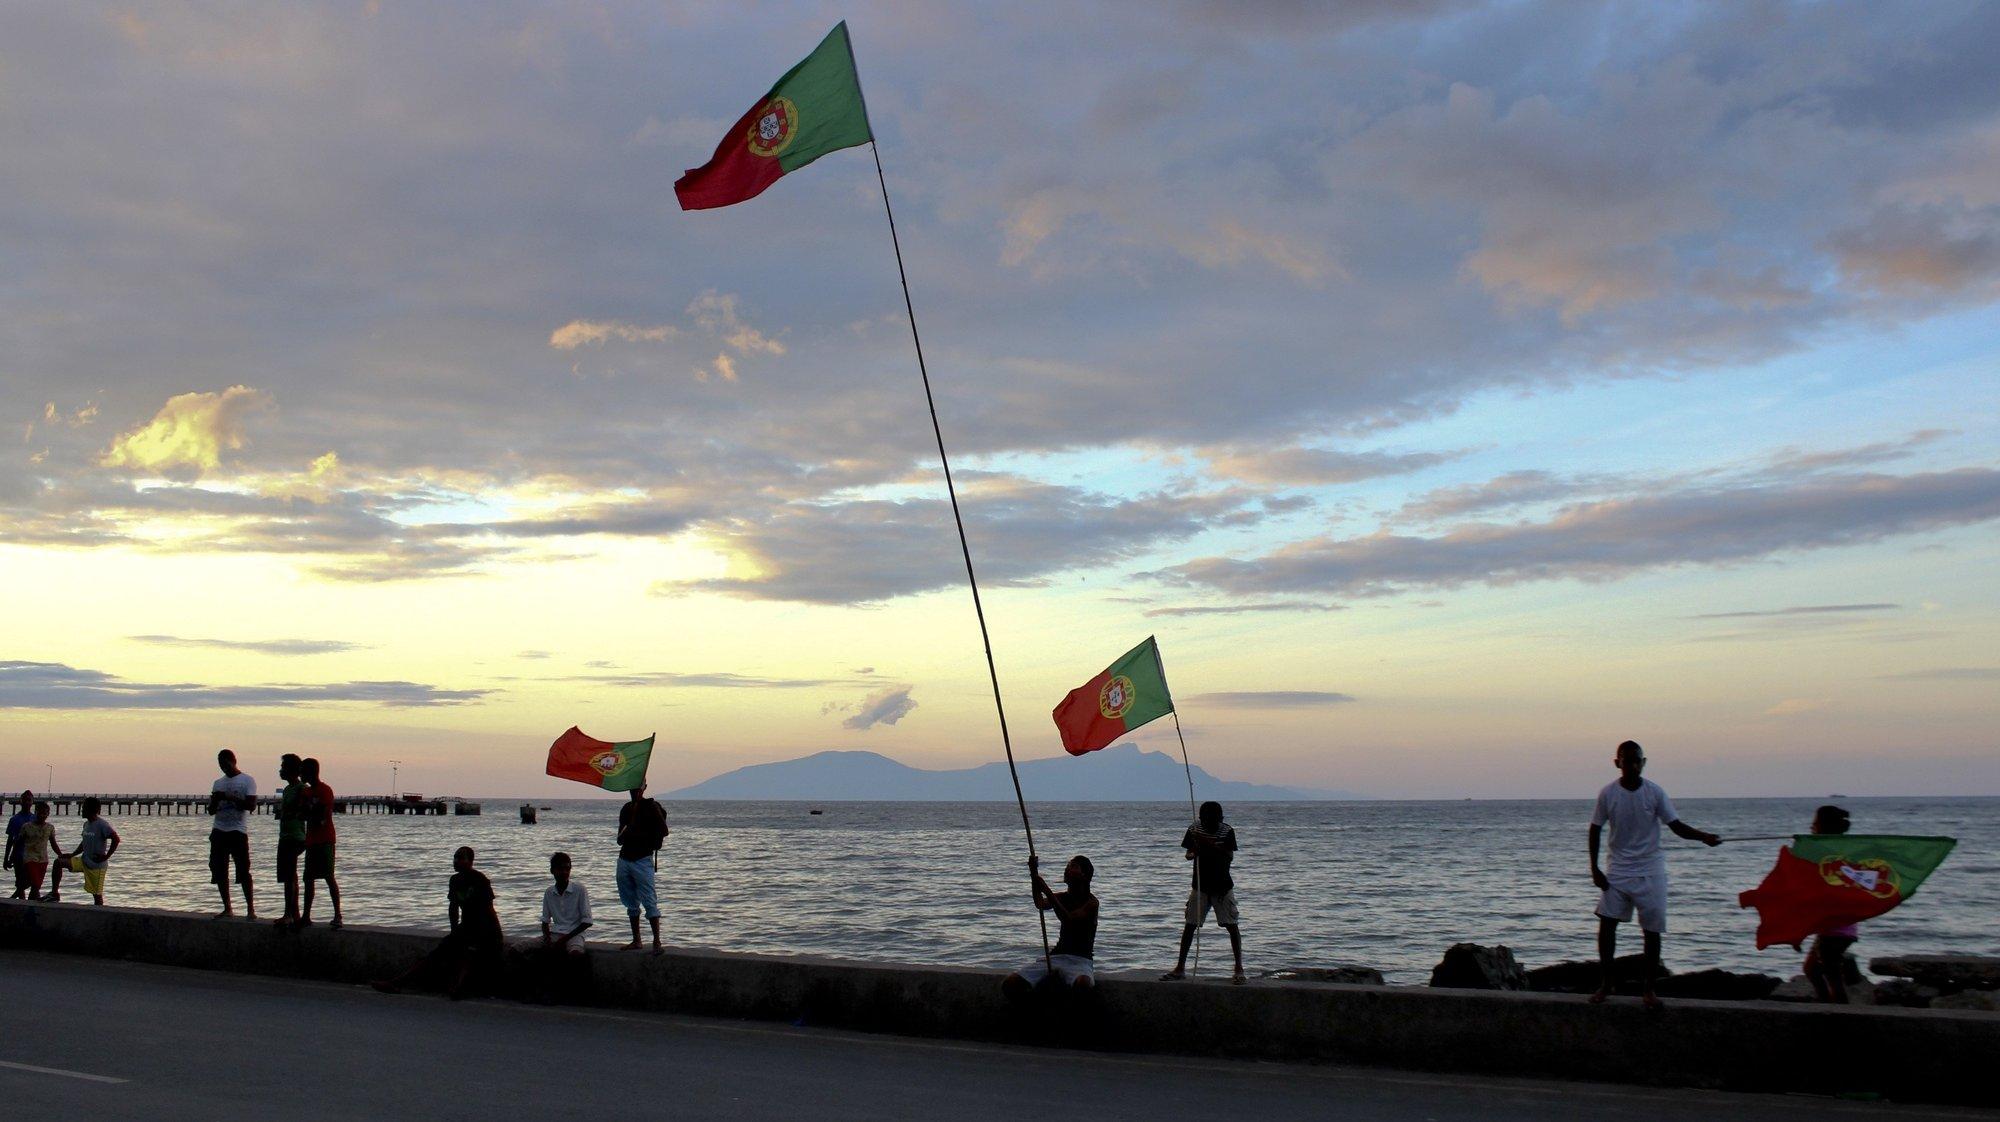 Timorenses empunham bandeiras de Portugal, no dia em que a seleção nacional de futebol portuguesa se estreia no Mundial2014 de futebol, no jogo do Grupo G contra a Alemanha, em Díli, Timor-Leste, 16 de junho de 2014. (ACOMPANHA TEXTO). ANTÓNIO AMARAL/LUSA